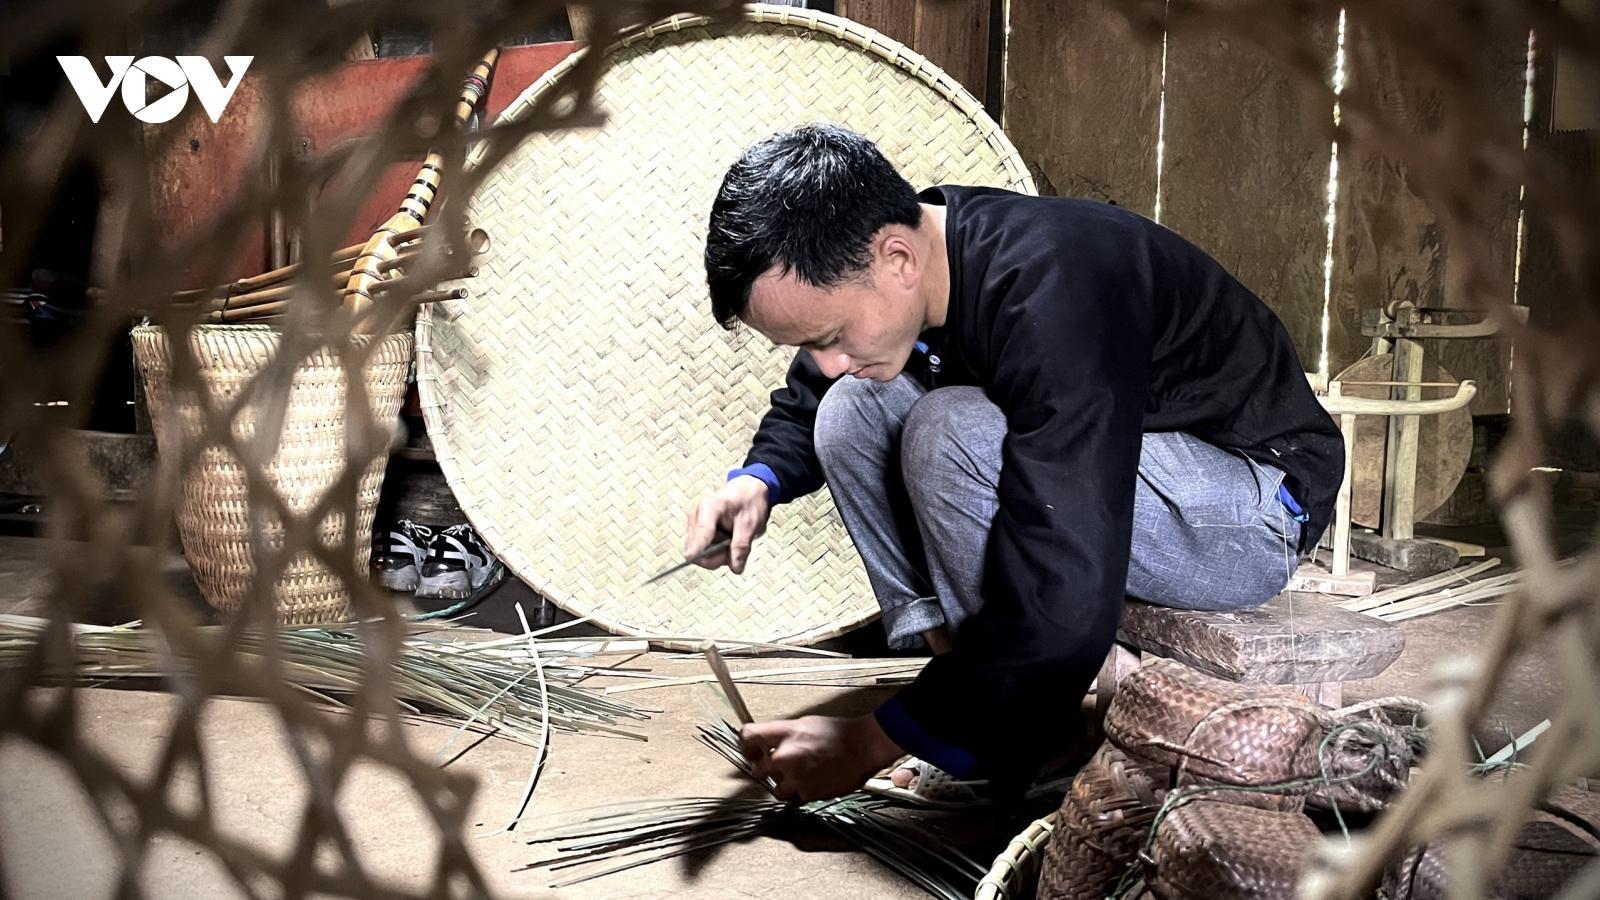 Chàng trai người Mông gìn giữ nghề đan lát truyền thống